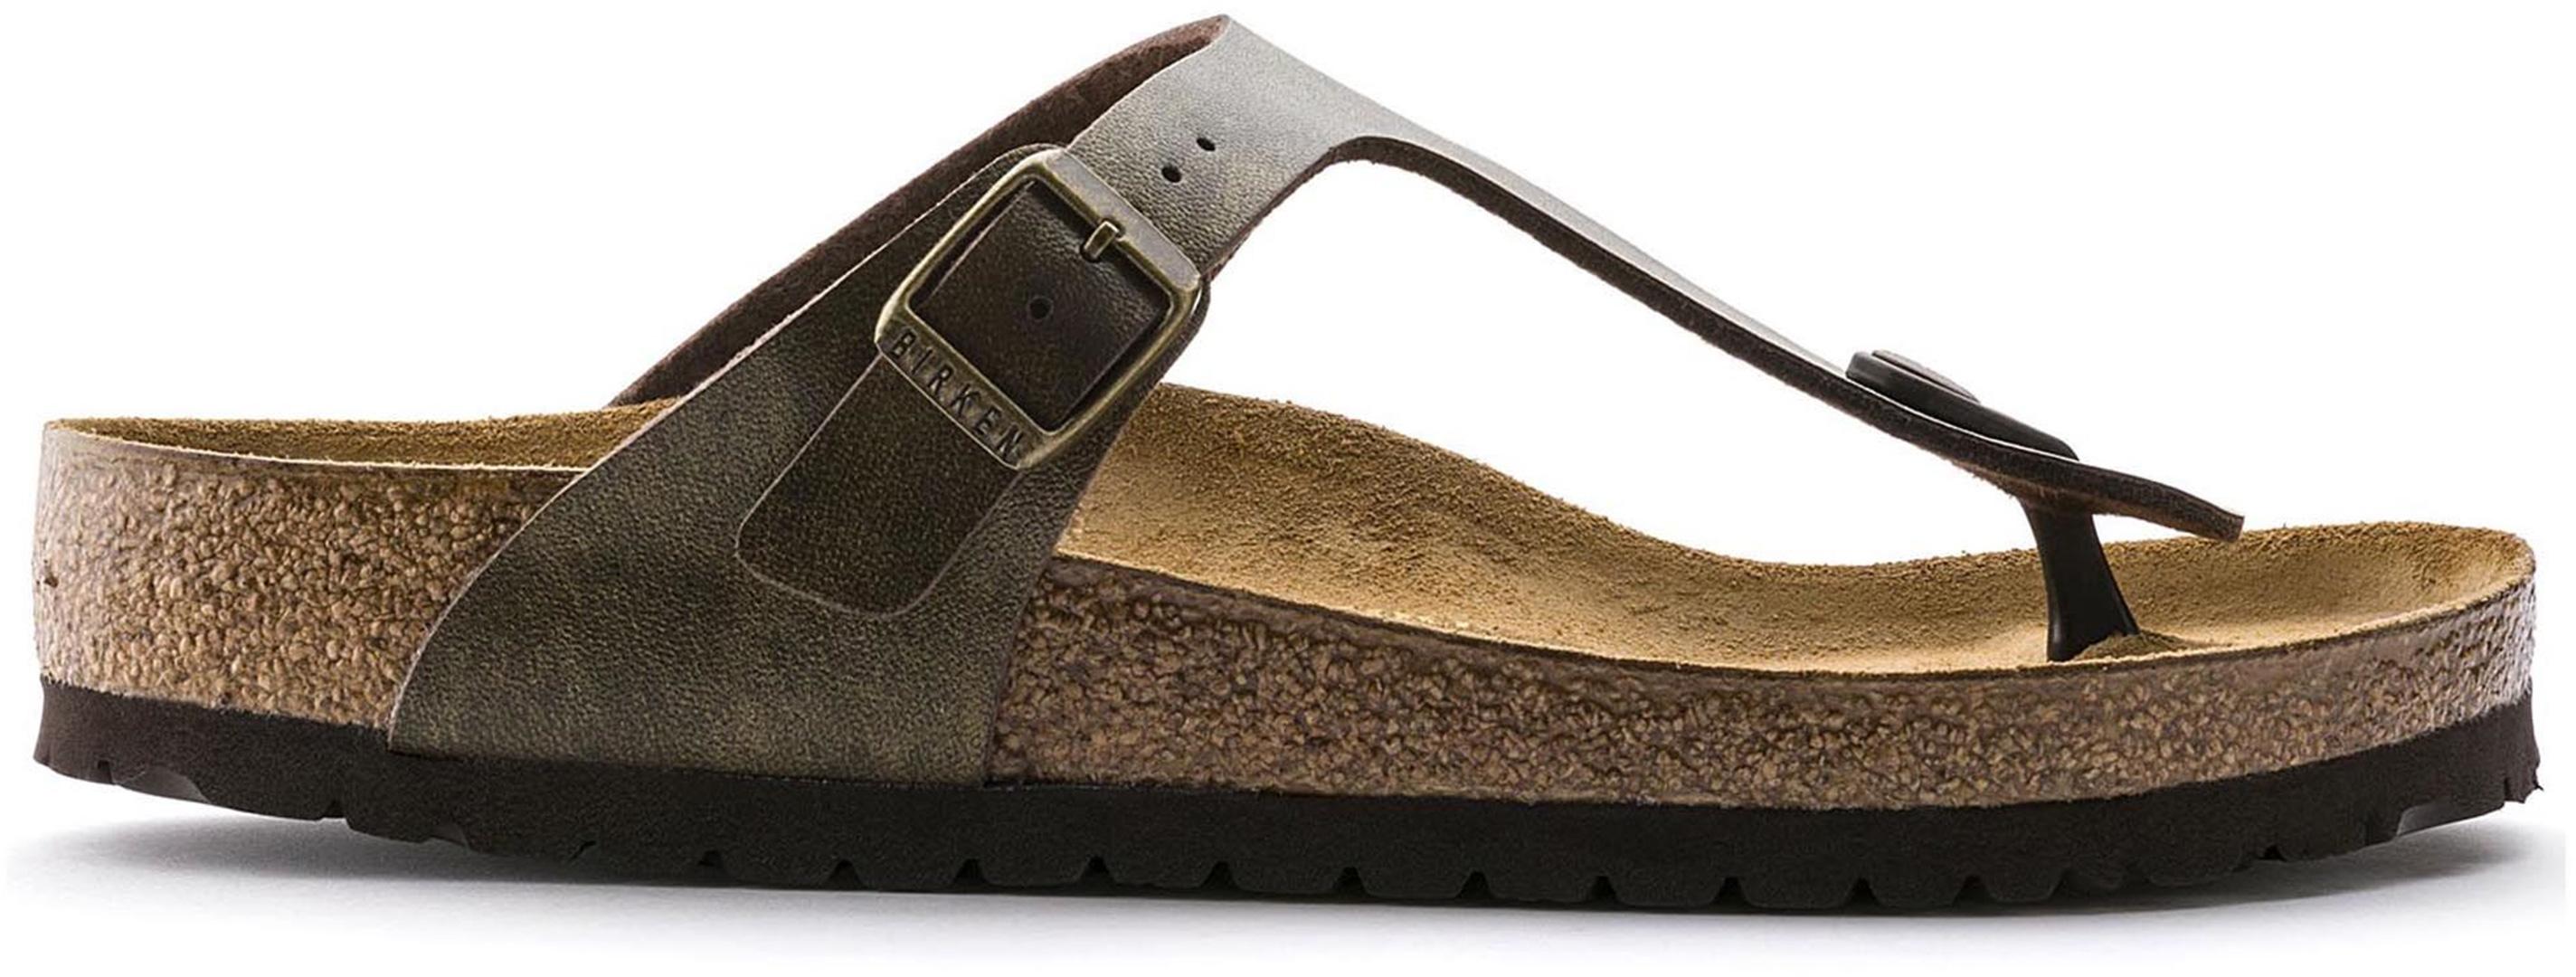 gizeh sandal 2018 gold brown warehouse one. Black Bedroom Furniture Sets. Home Design Ideas